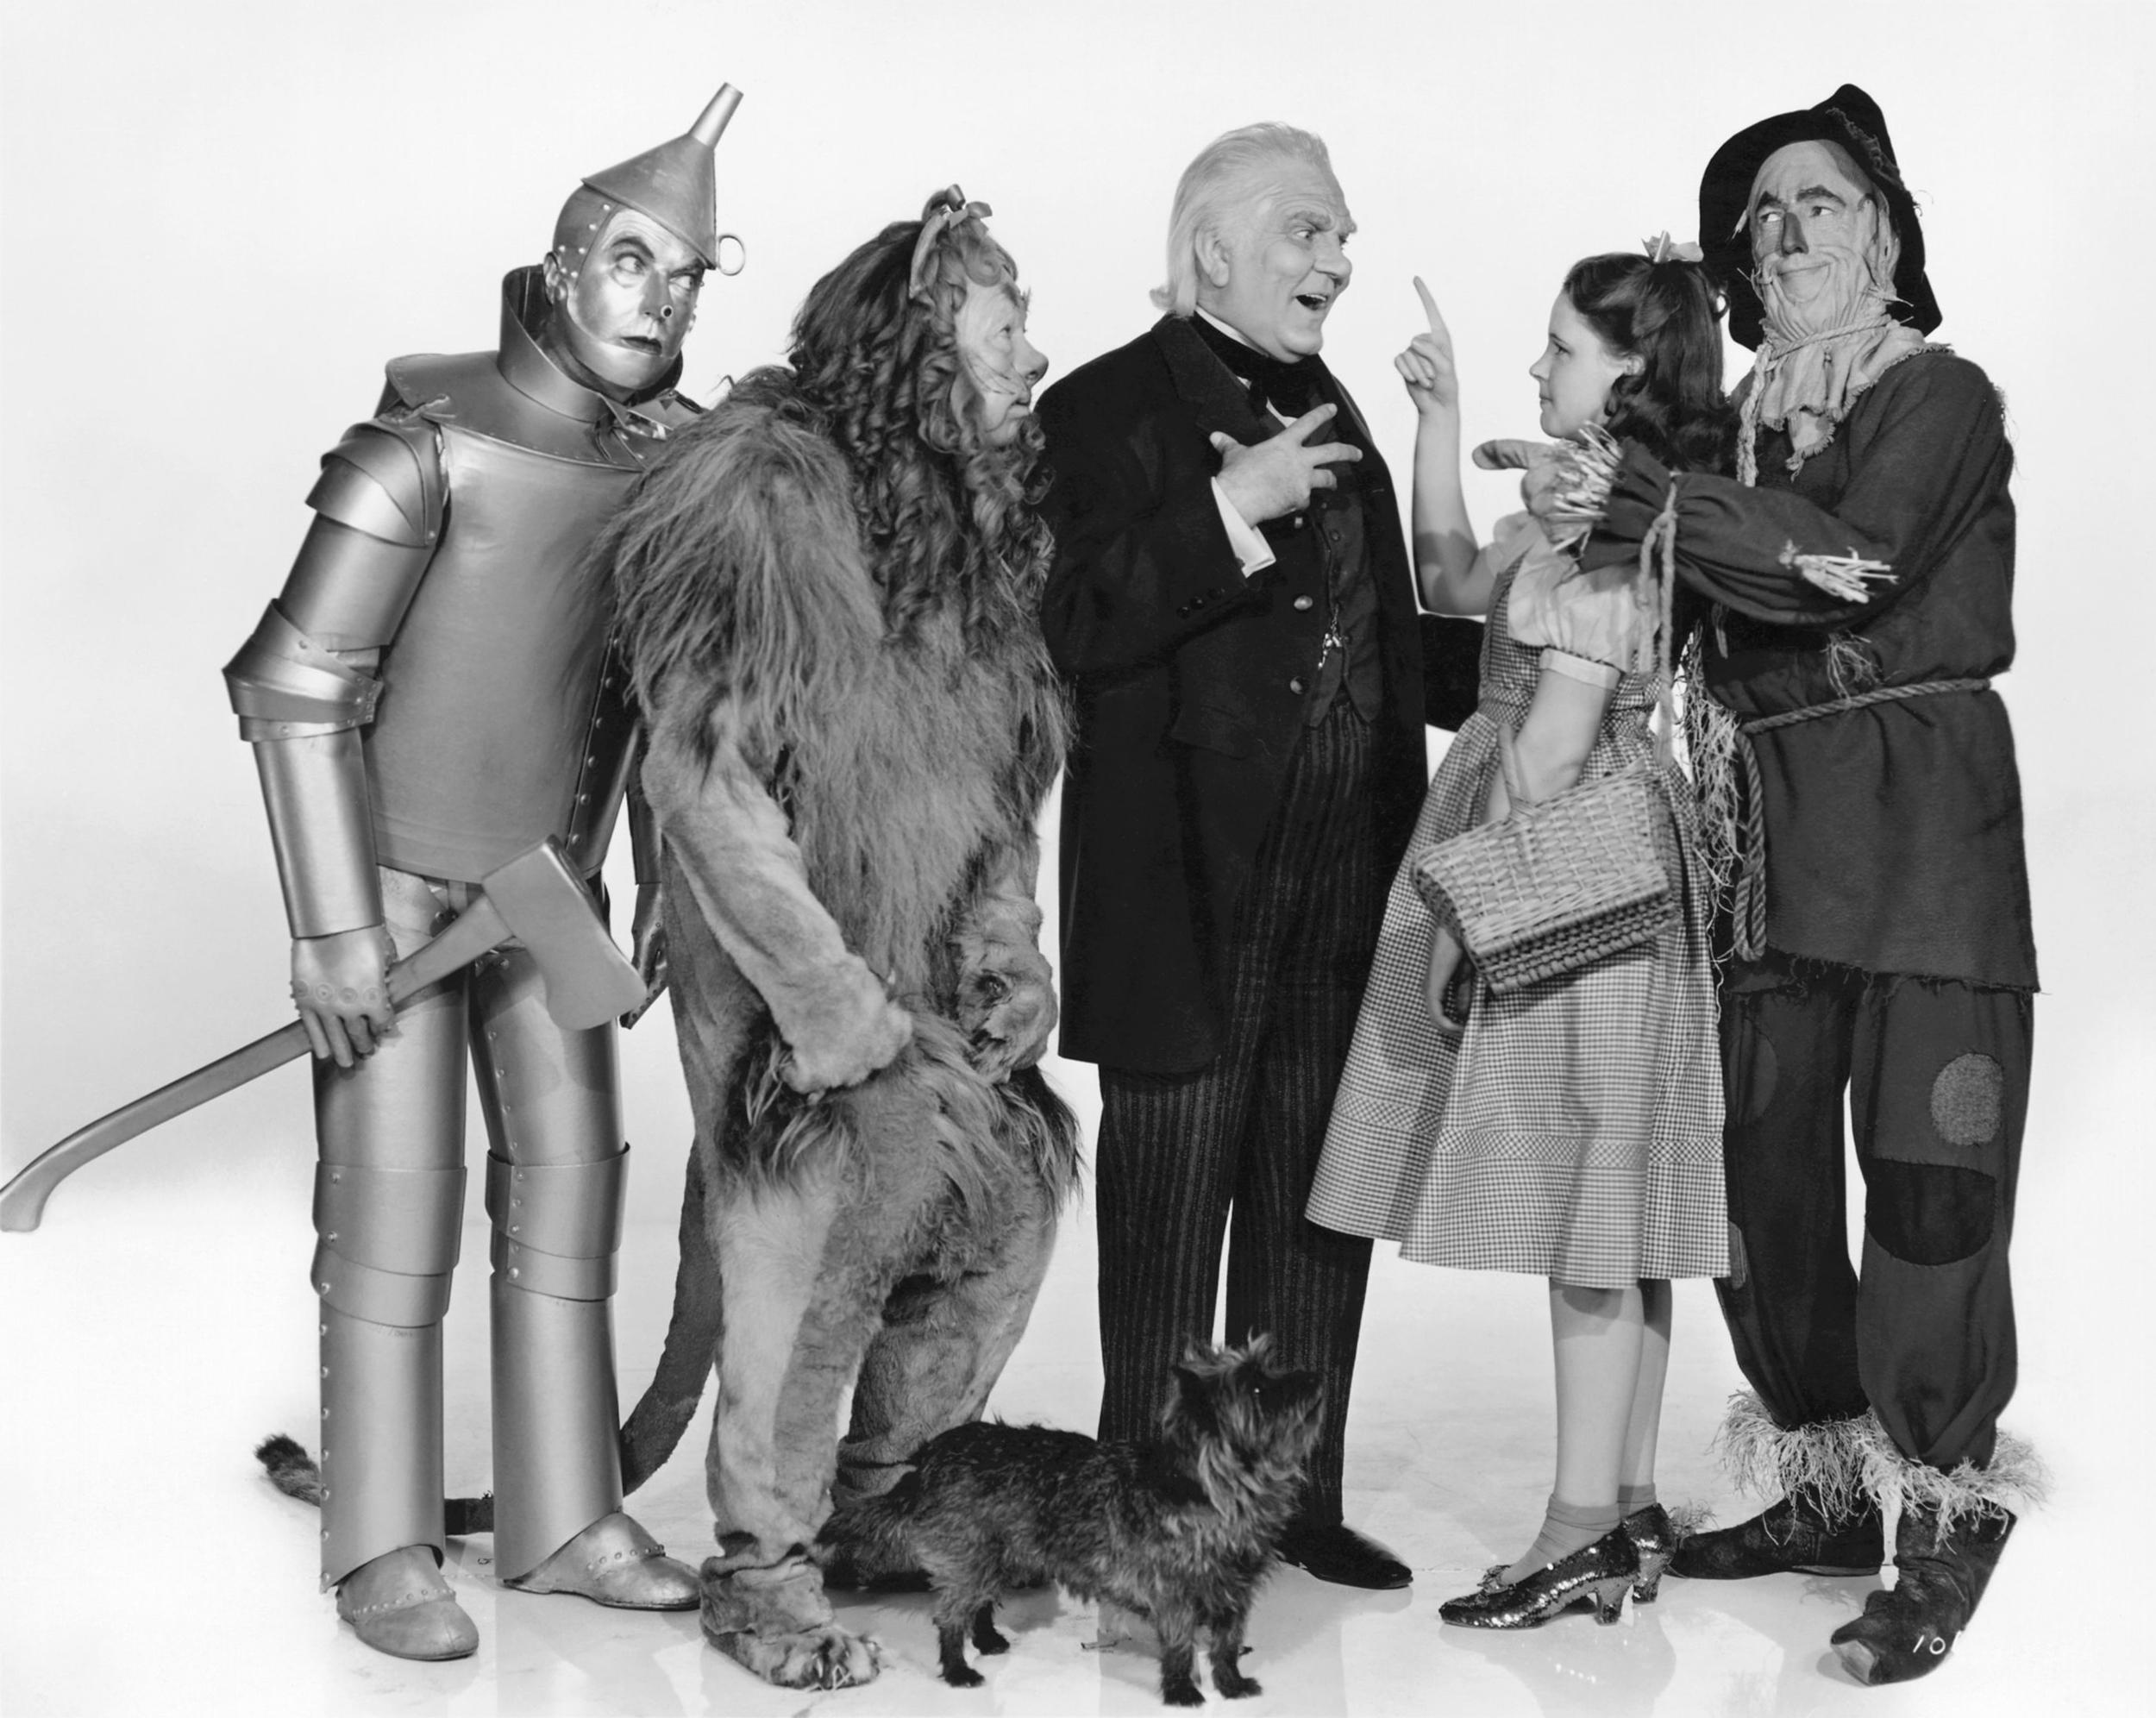 Annex - Garland, Judy (Wizard of Oz, The)_02.jpg